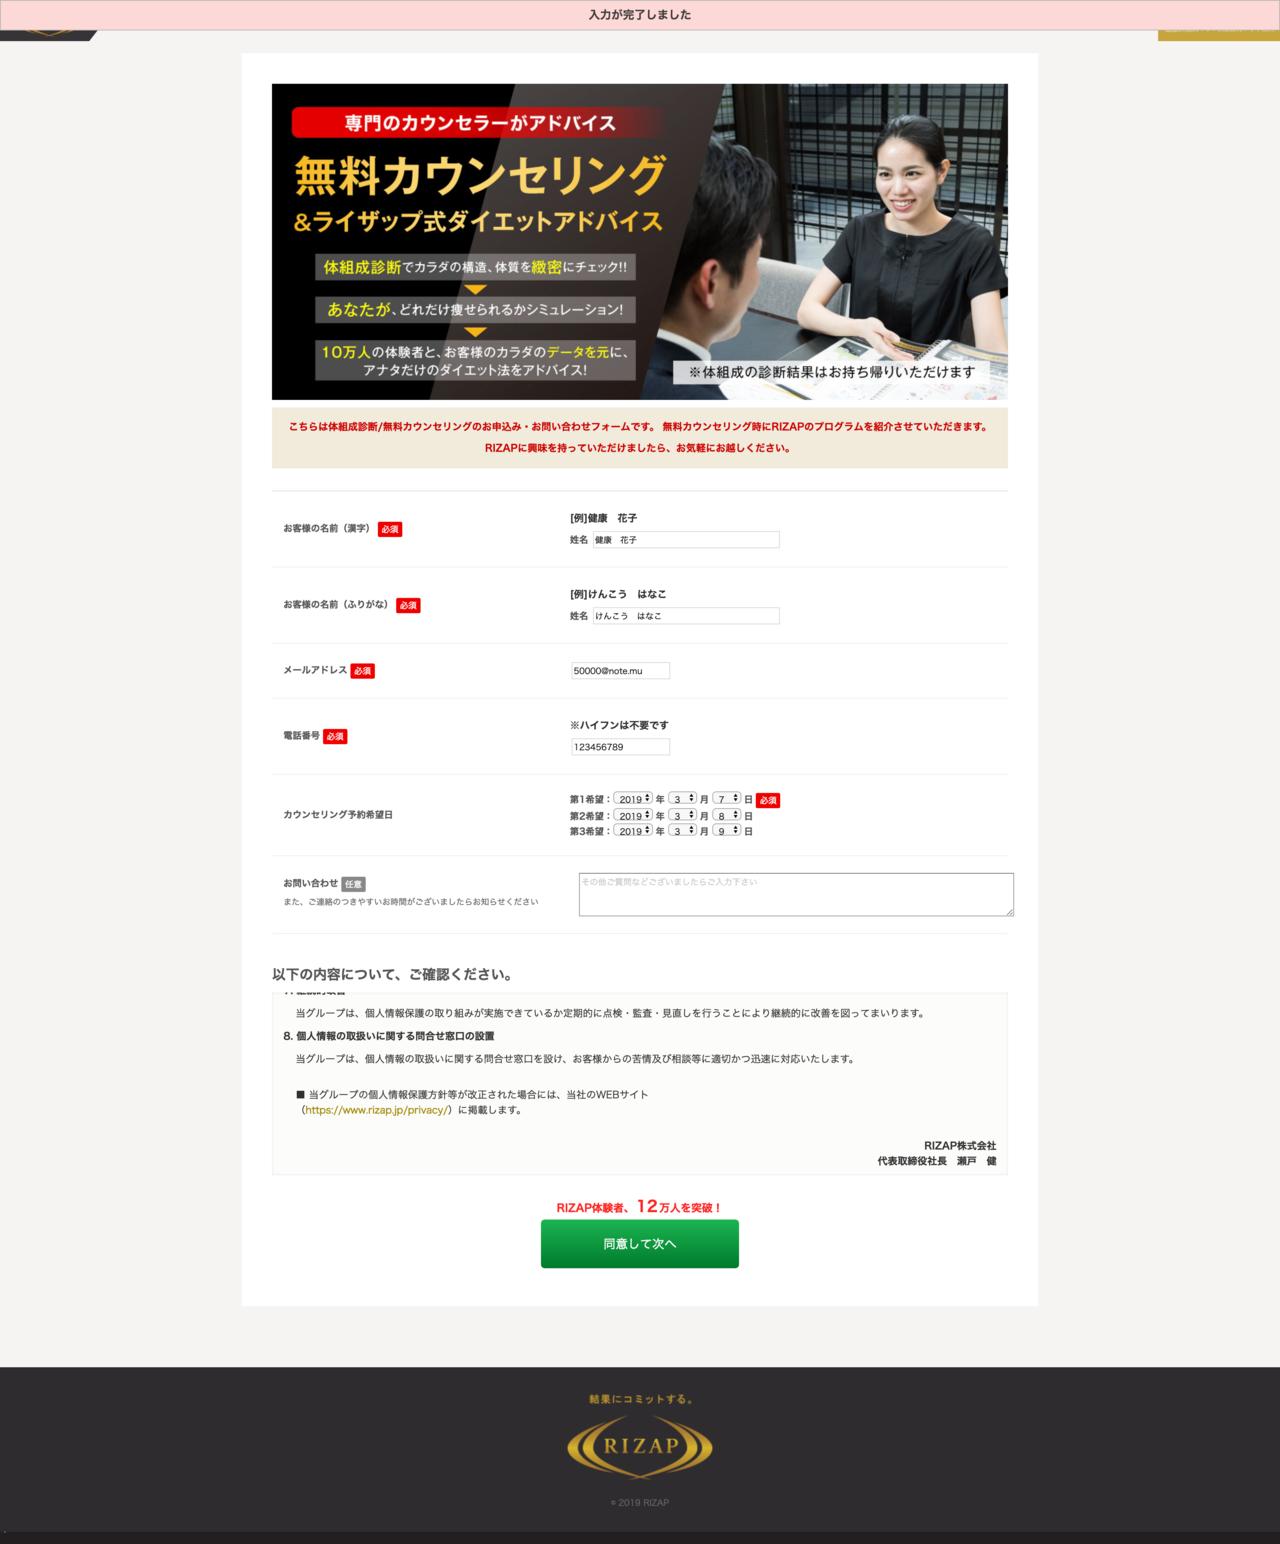 ライザップ無料カウンセリングのお問い合わせフォームイメージ